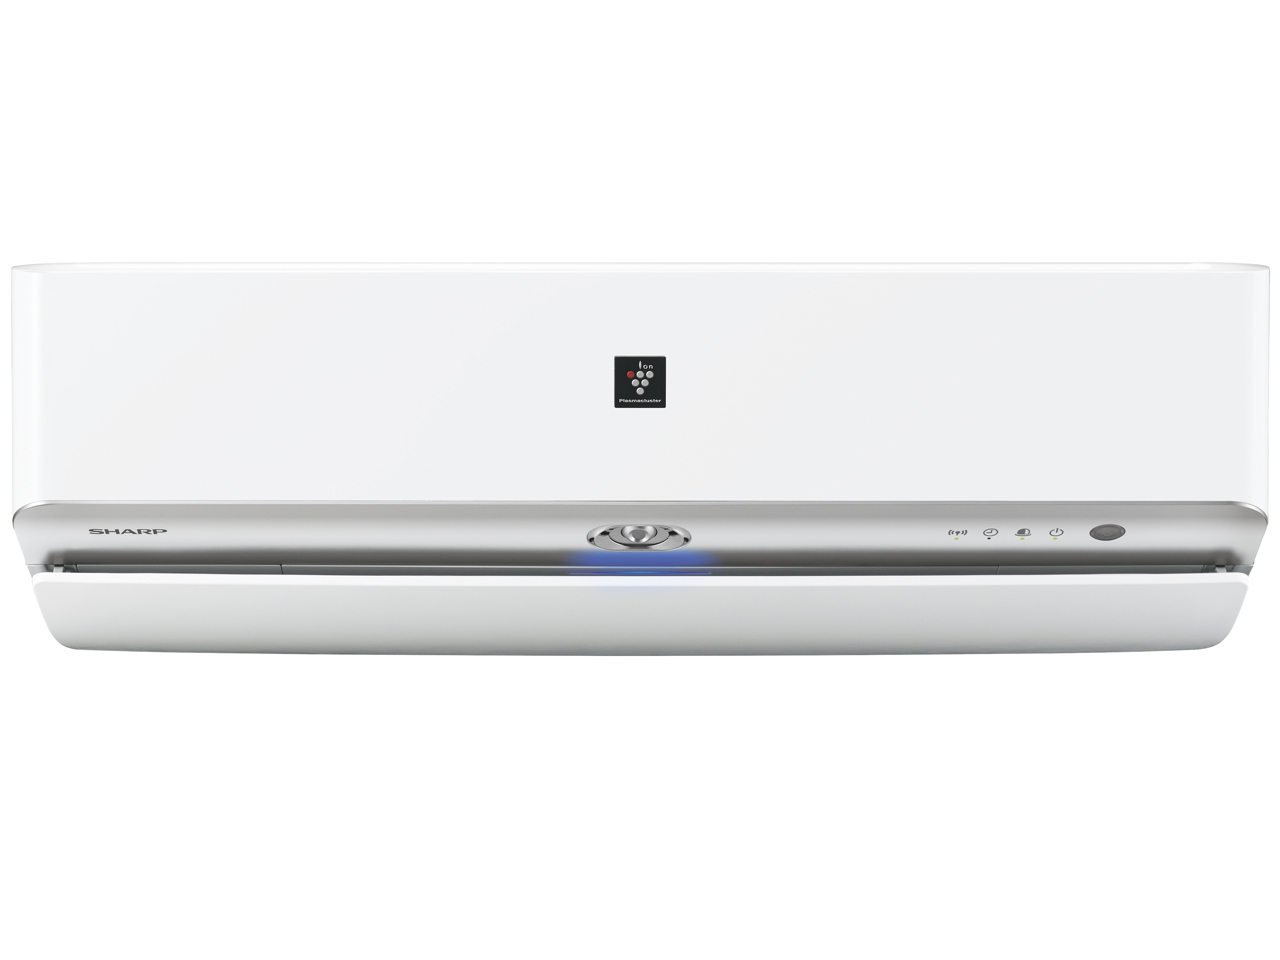 シャープ 19年度モデルH-Xシリーズ AY-J40X2-W【高濃度プラズマクラスター搭載】冷暖房タイプ14畳用エアコン